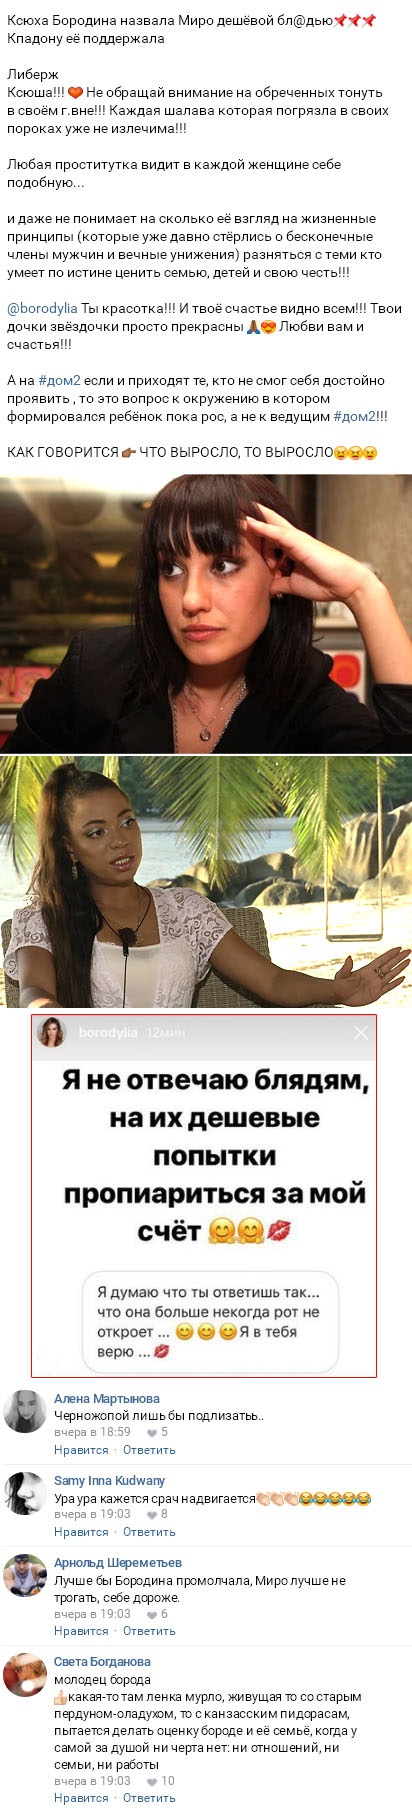 Ксения Бородина не выдержала и покрыла матом Лену Миро